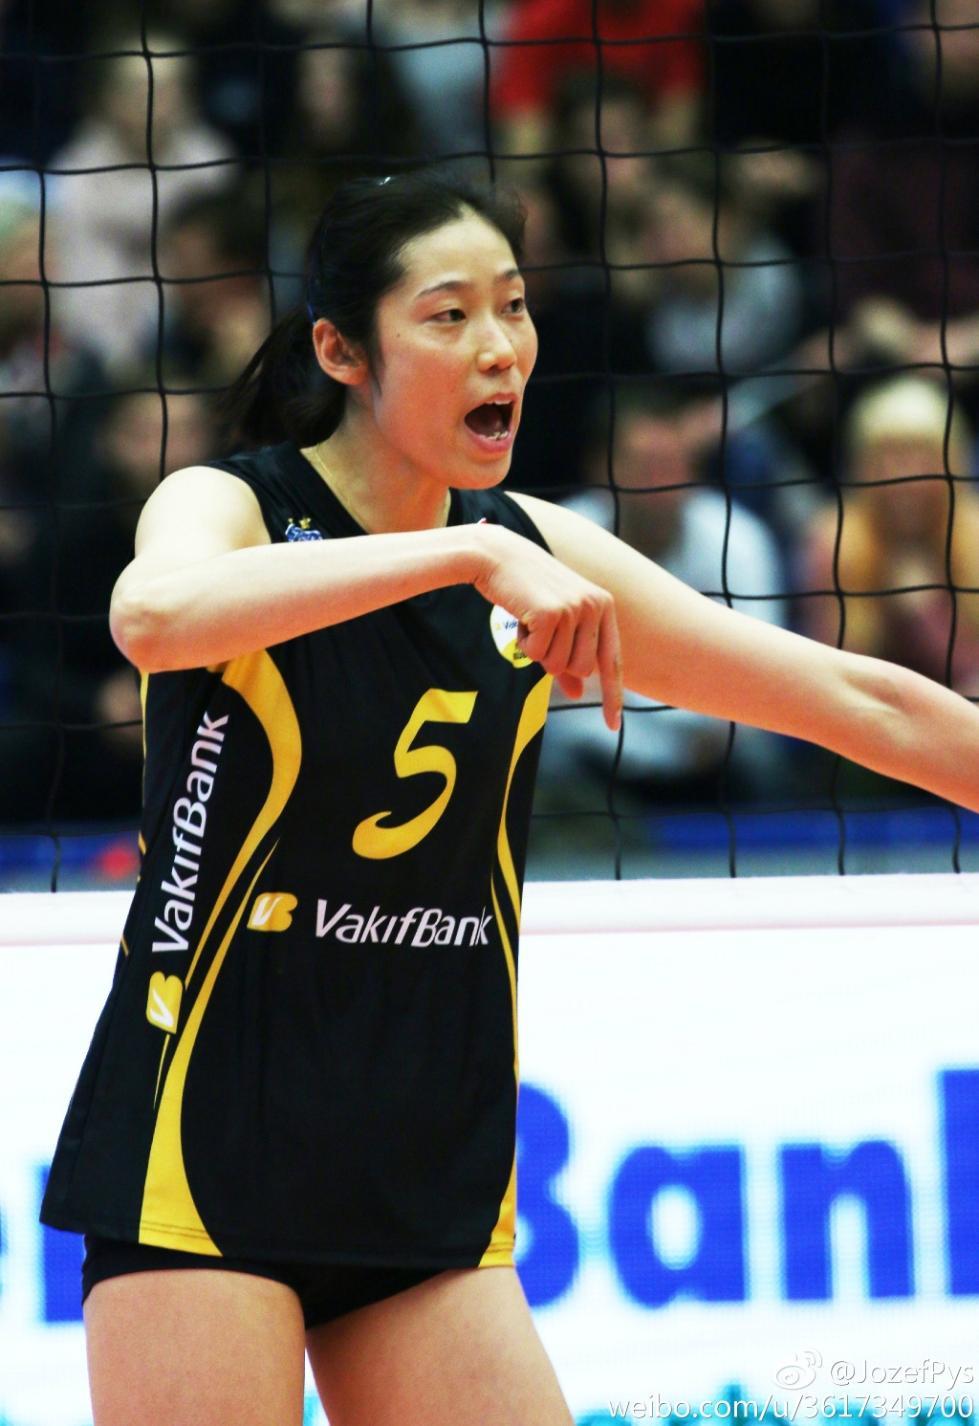 朱婷18分得分王 瓦基弗银行3-0夺欧冠资格赛首胜